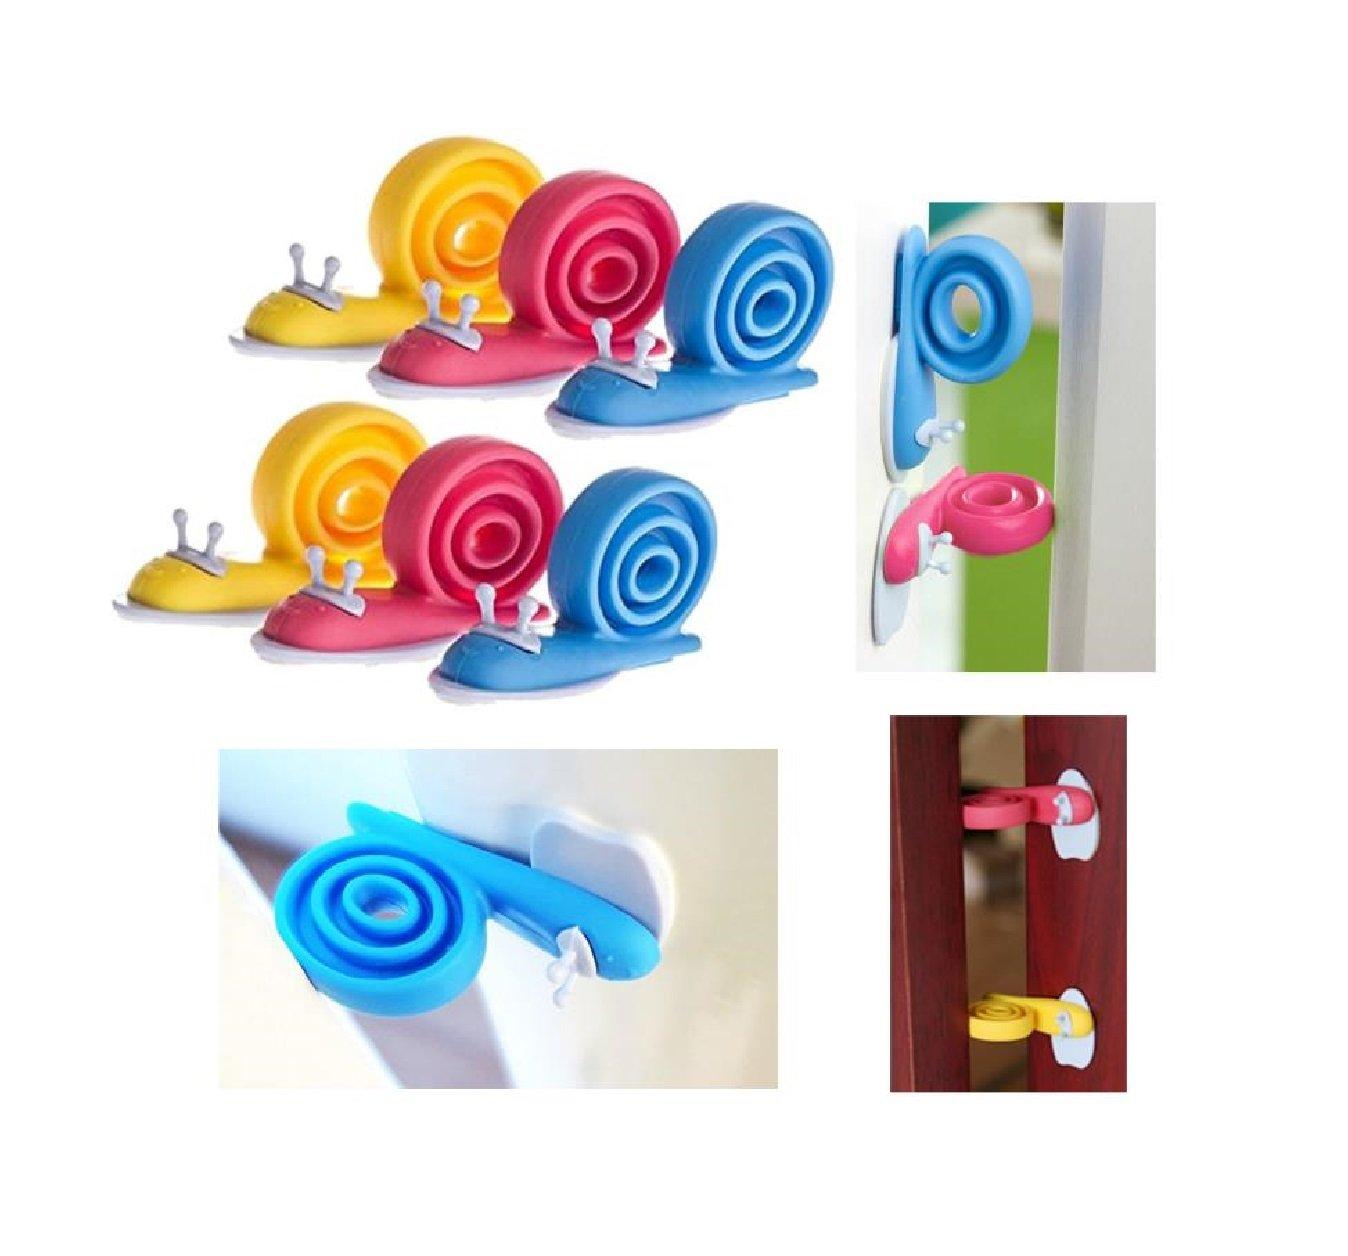 Our Fantasy Time Lot de 6mignon escargot Butée de porte anti-pince-doigts, sécurité enfant pour portes et fenêtres .360° Rotatif